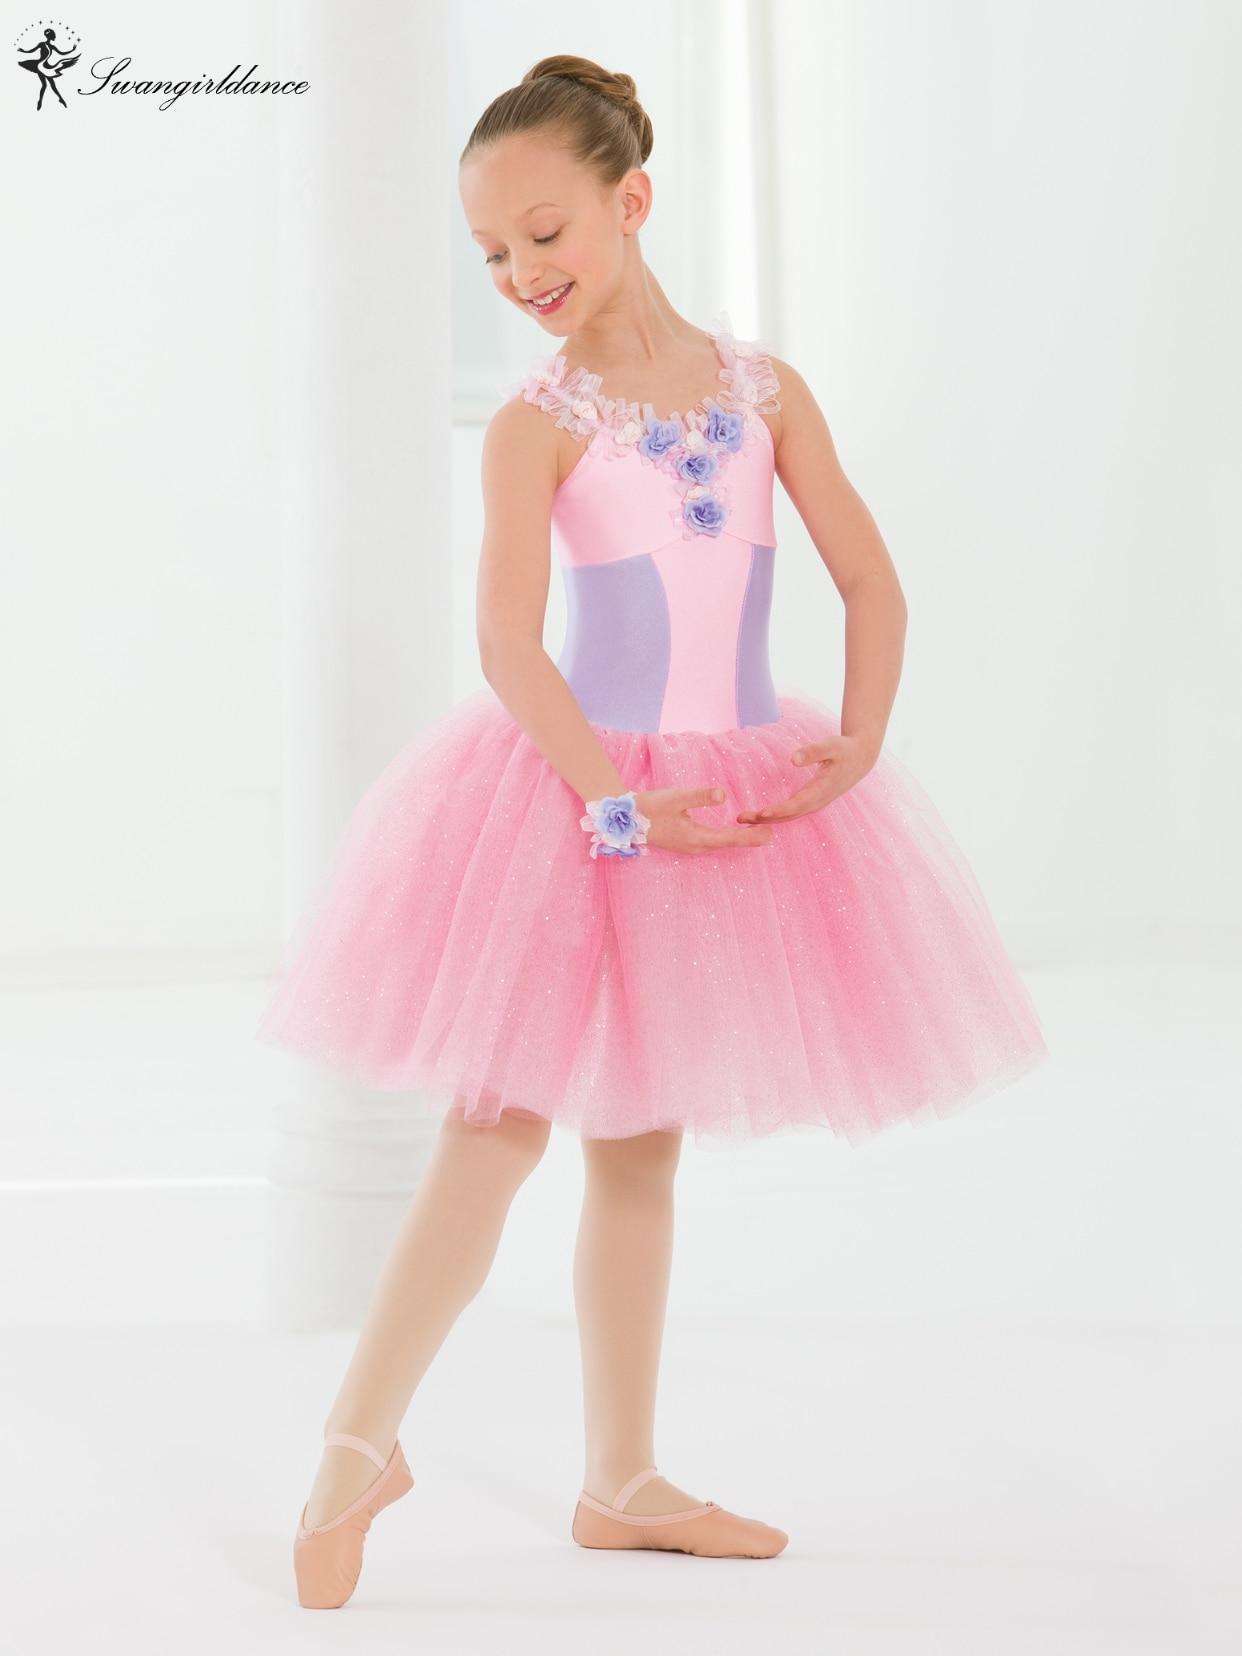 Lányok debütálása Peformance Tündér tánc Balett Tutu ruha - Újdonság